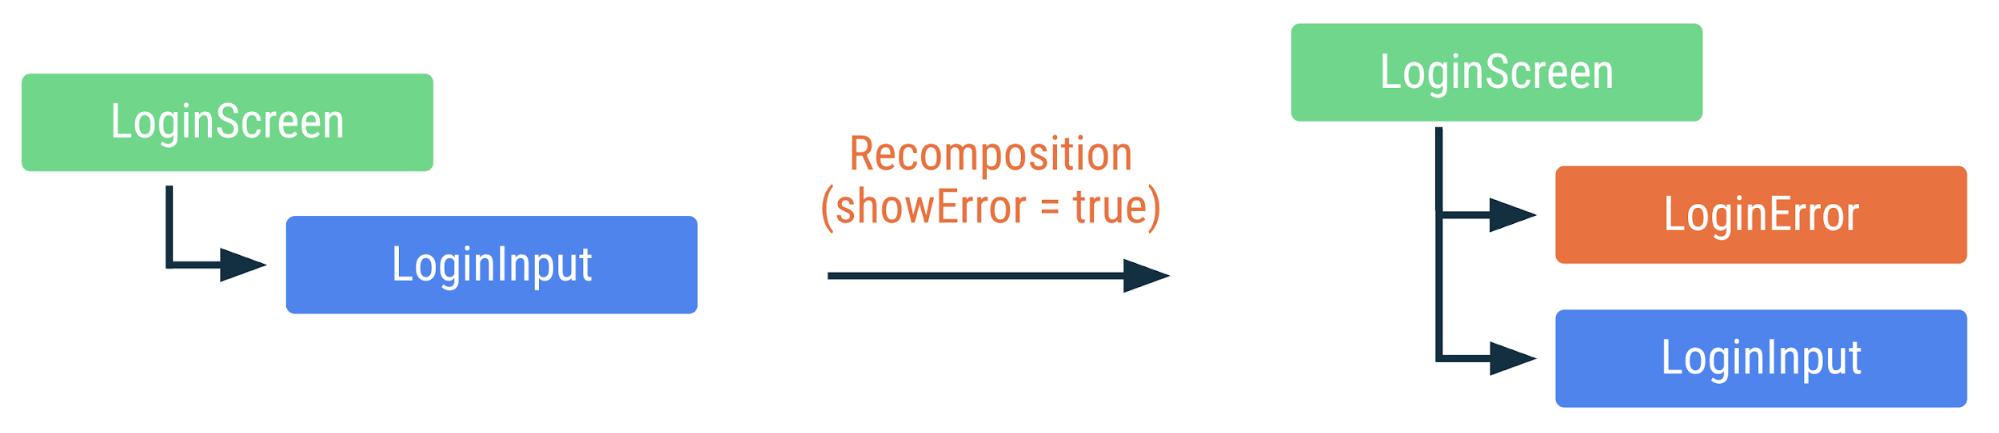 展示 showError 标志更改为 true 时如何重组上述代码的示意图。添加了 LoginError 可组合项,但其他可组合项不会被重组。